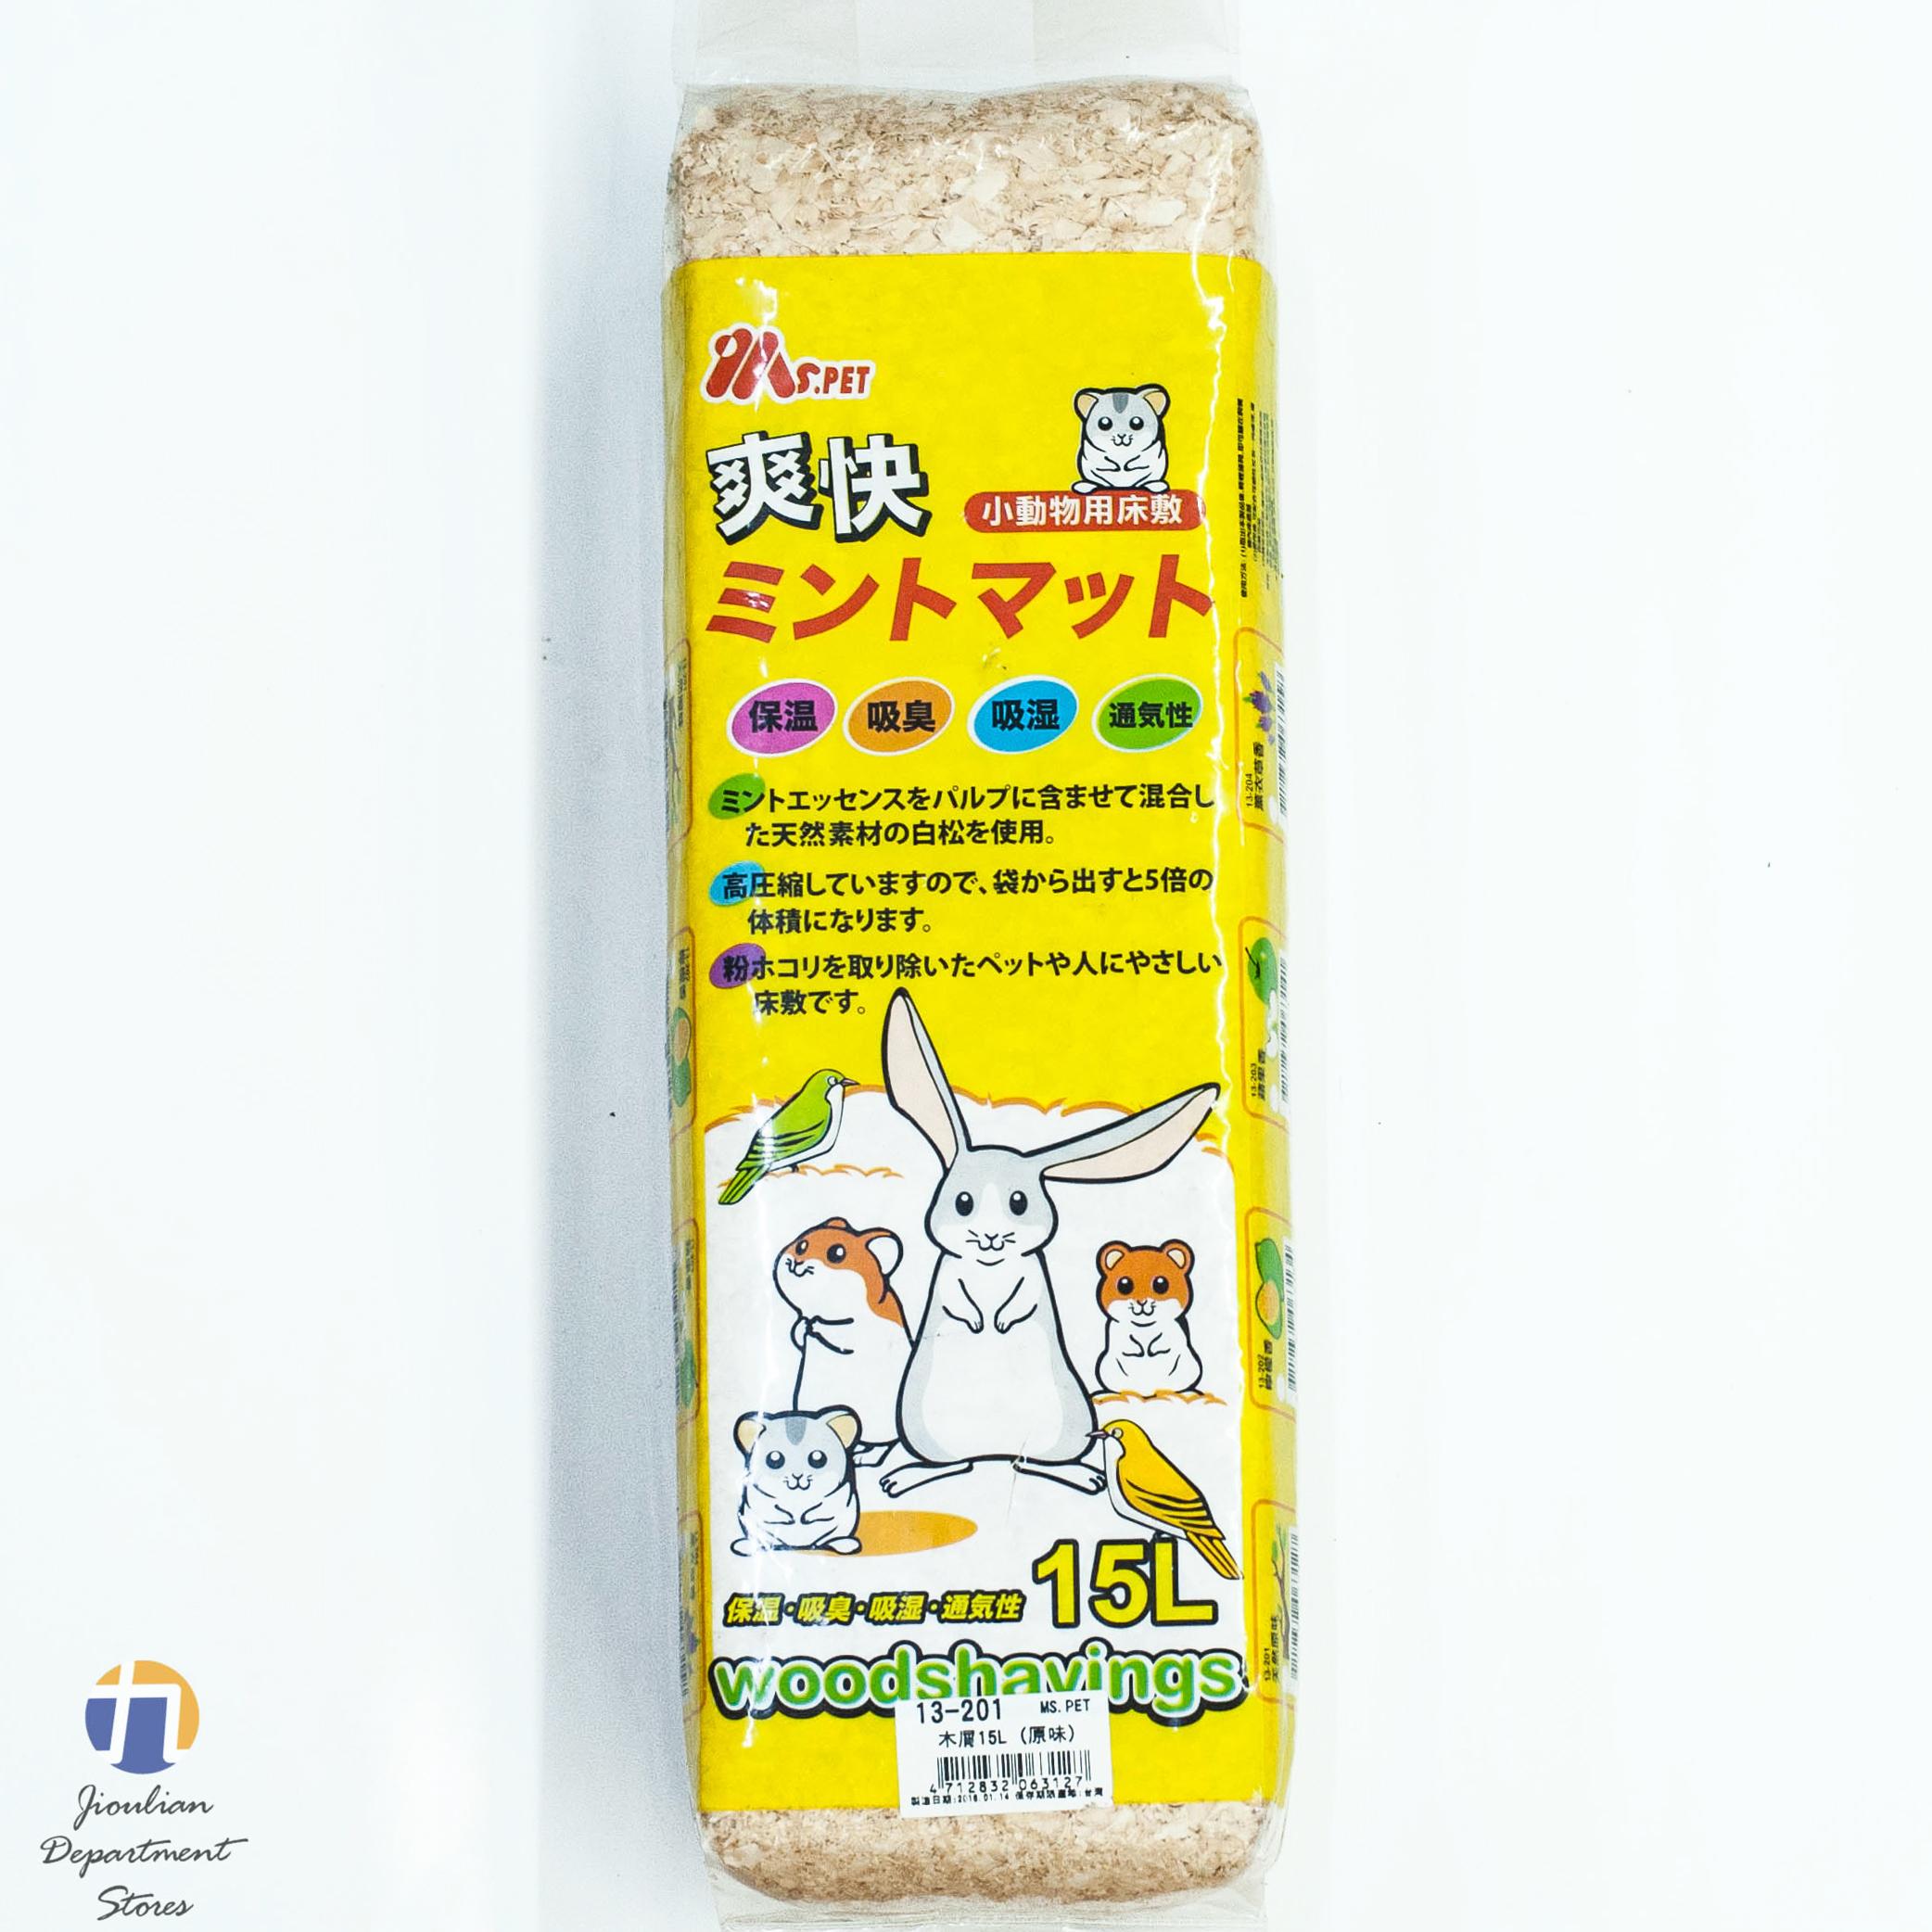 {九聯百貨} MS.PET 爽快牌 木屑 (原味) 15L